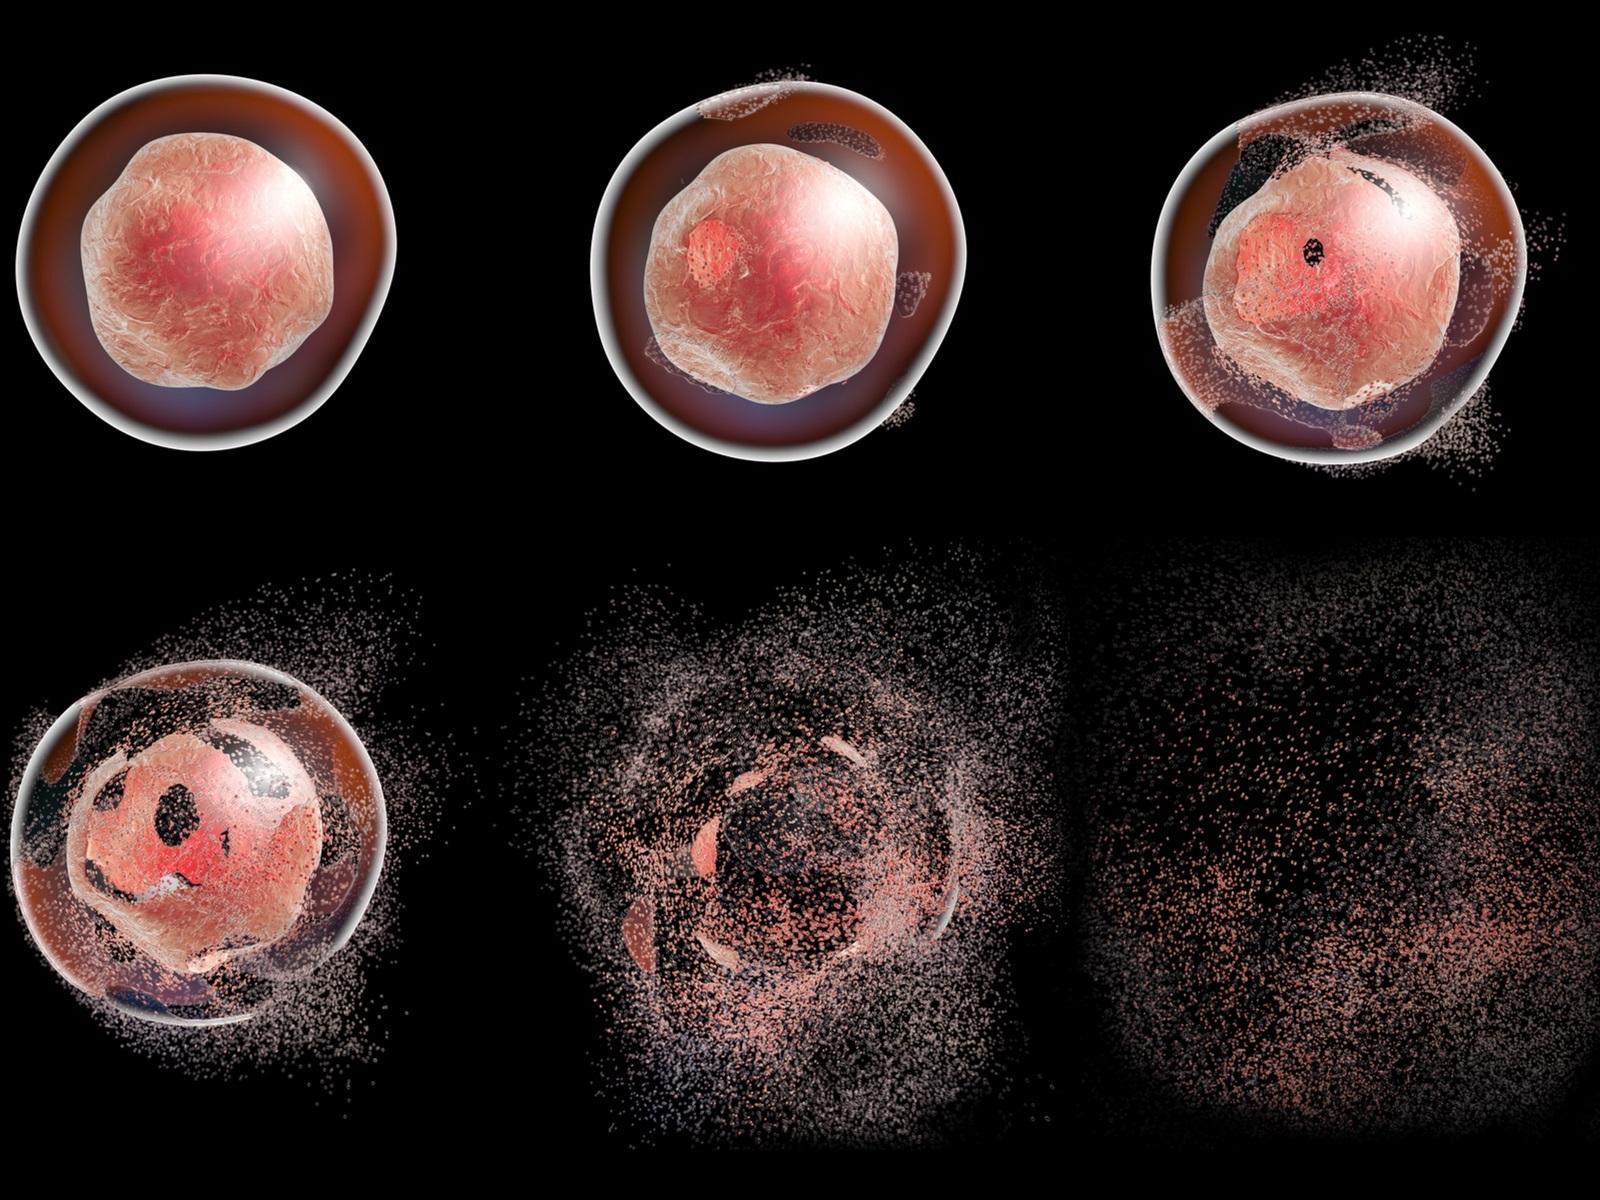 آپوپتوز یا مرگ برنامه ریزی شده سلول — به زبان ساده